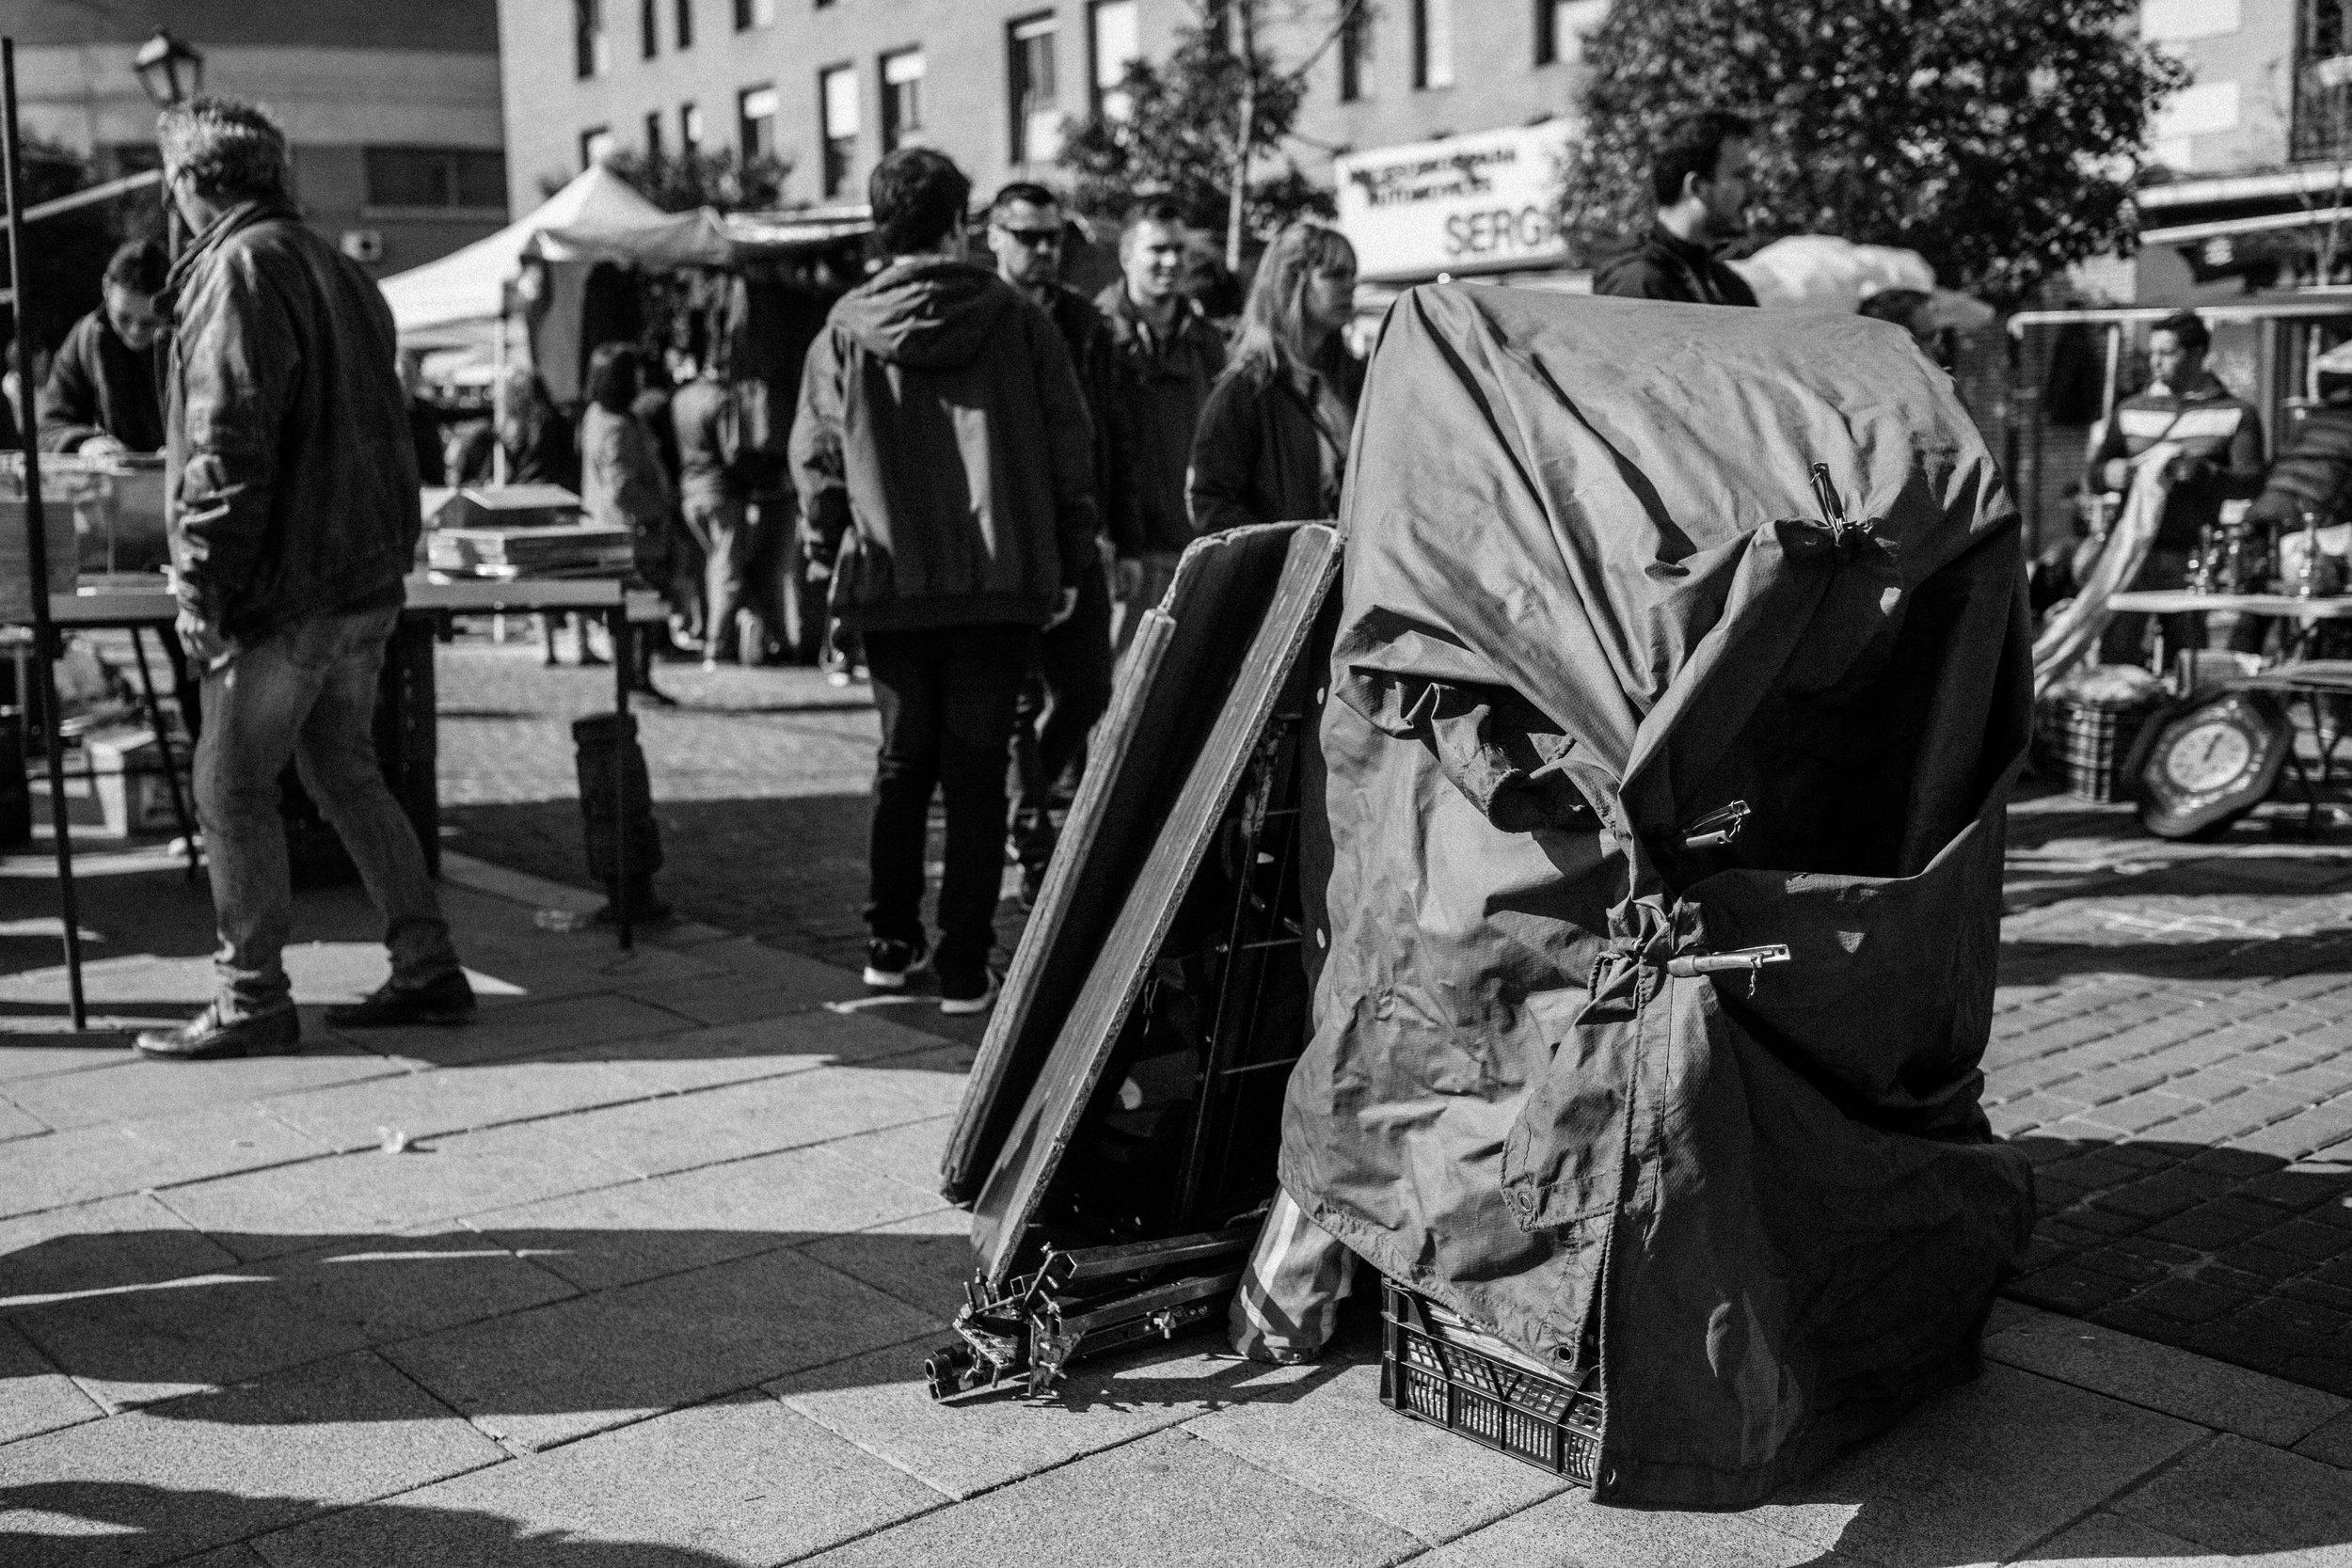 El rastro de Madrid by jorge Güiro 62.jpg